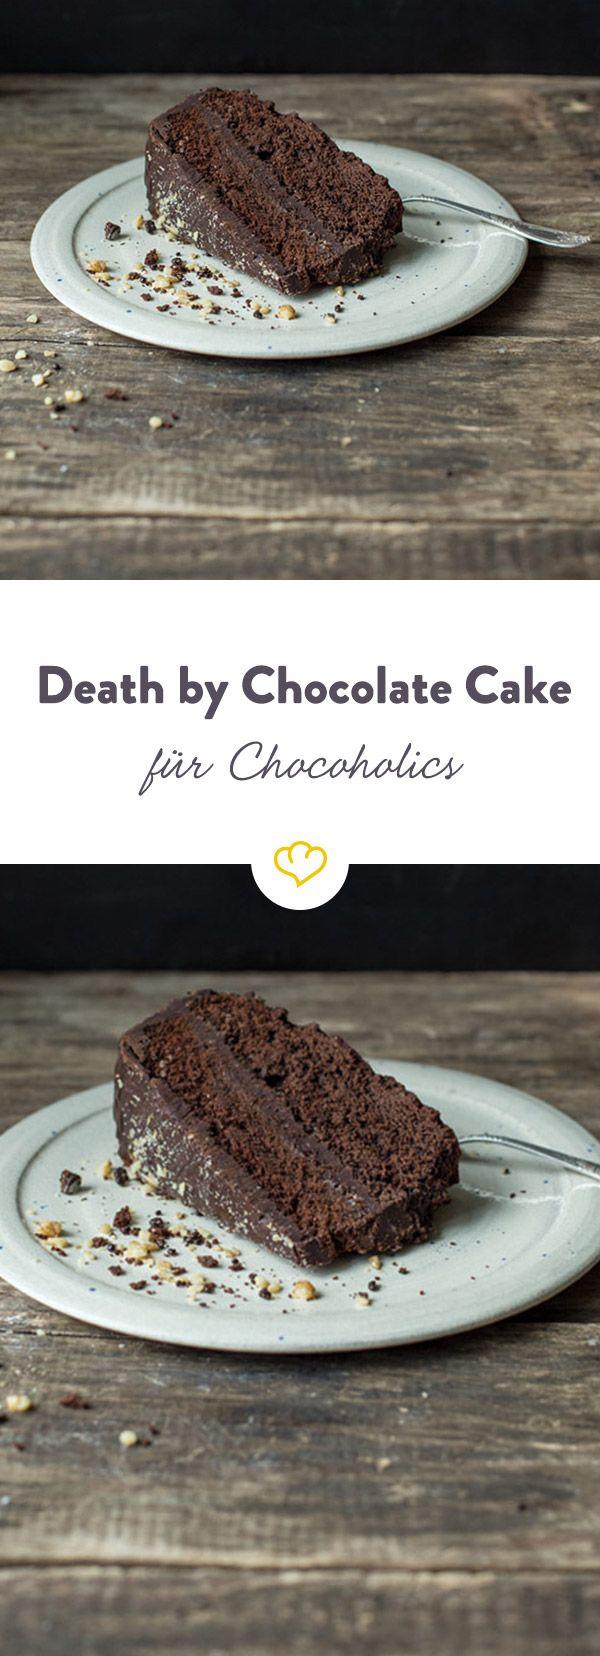 Dieser sündhaft gute Kuchen stammt aus den USA und beruht auf der Kombination unterschiedlicher schokoladenhaltiger Zutaten.